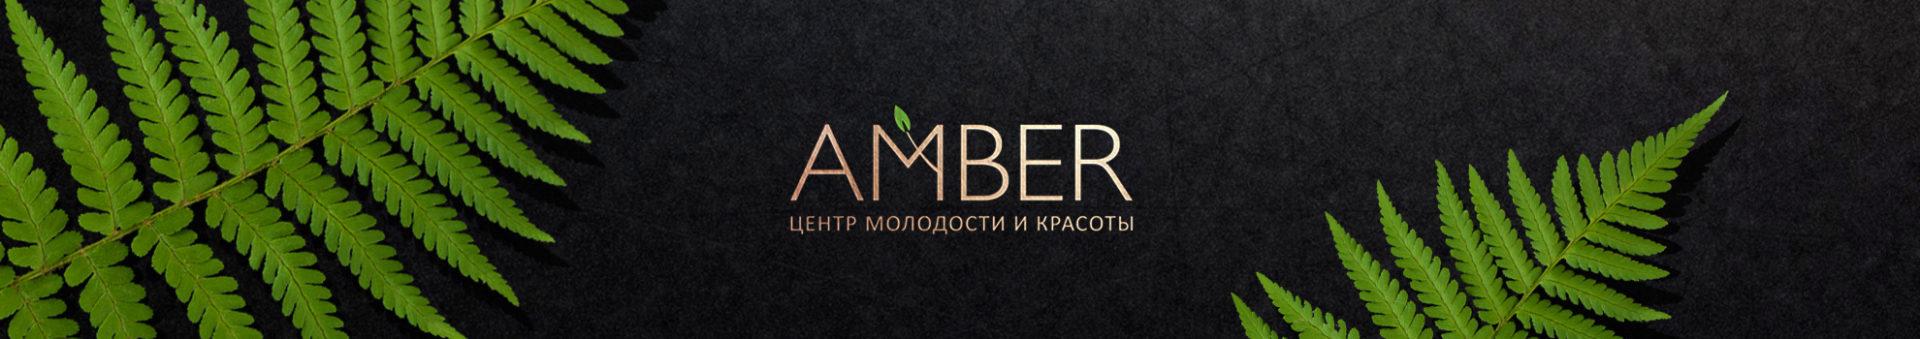 Разработка логотипа для центра красоты и молодости.